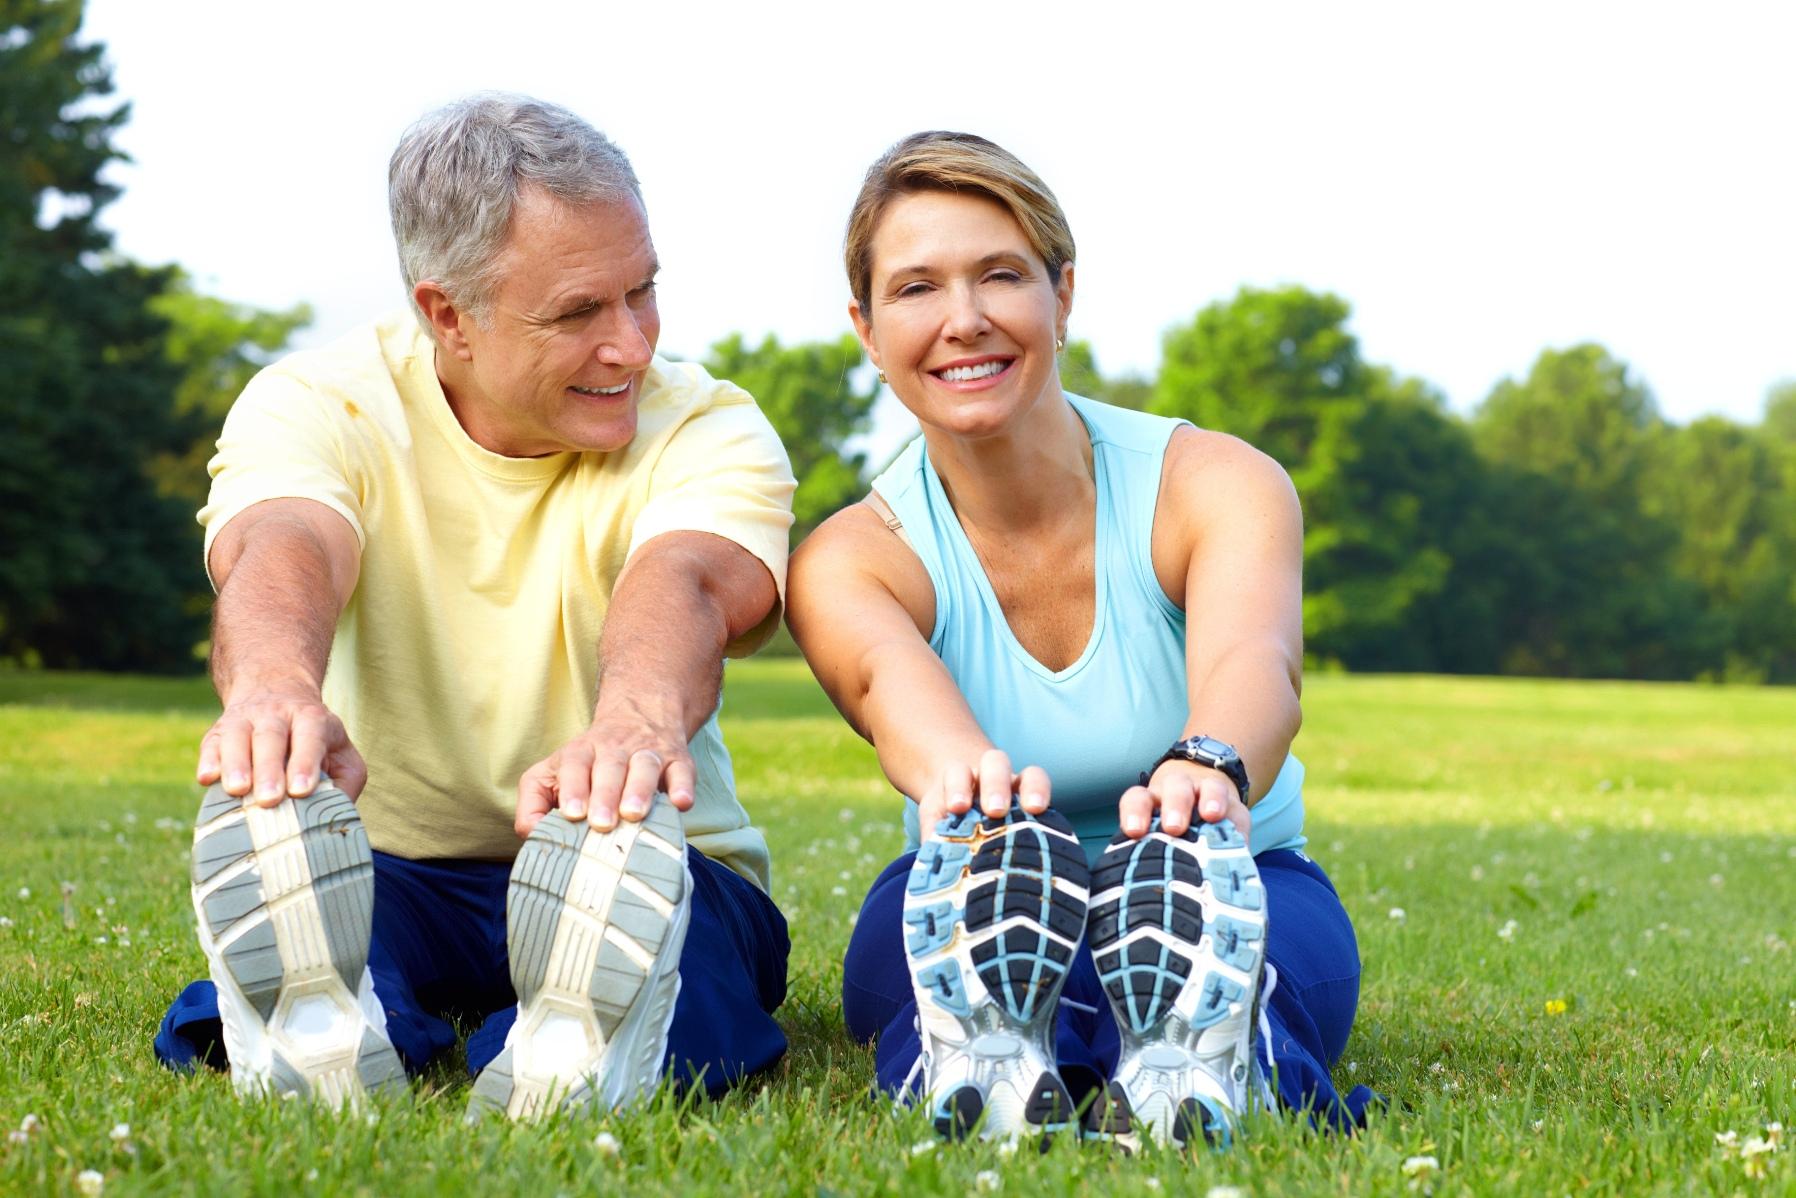 tập thể dục giúp phổi khoẻ mạnh.jpg